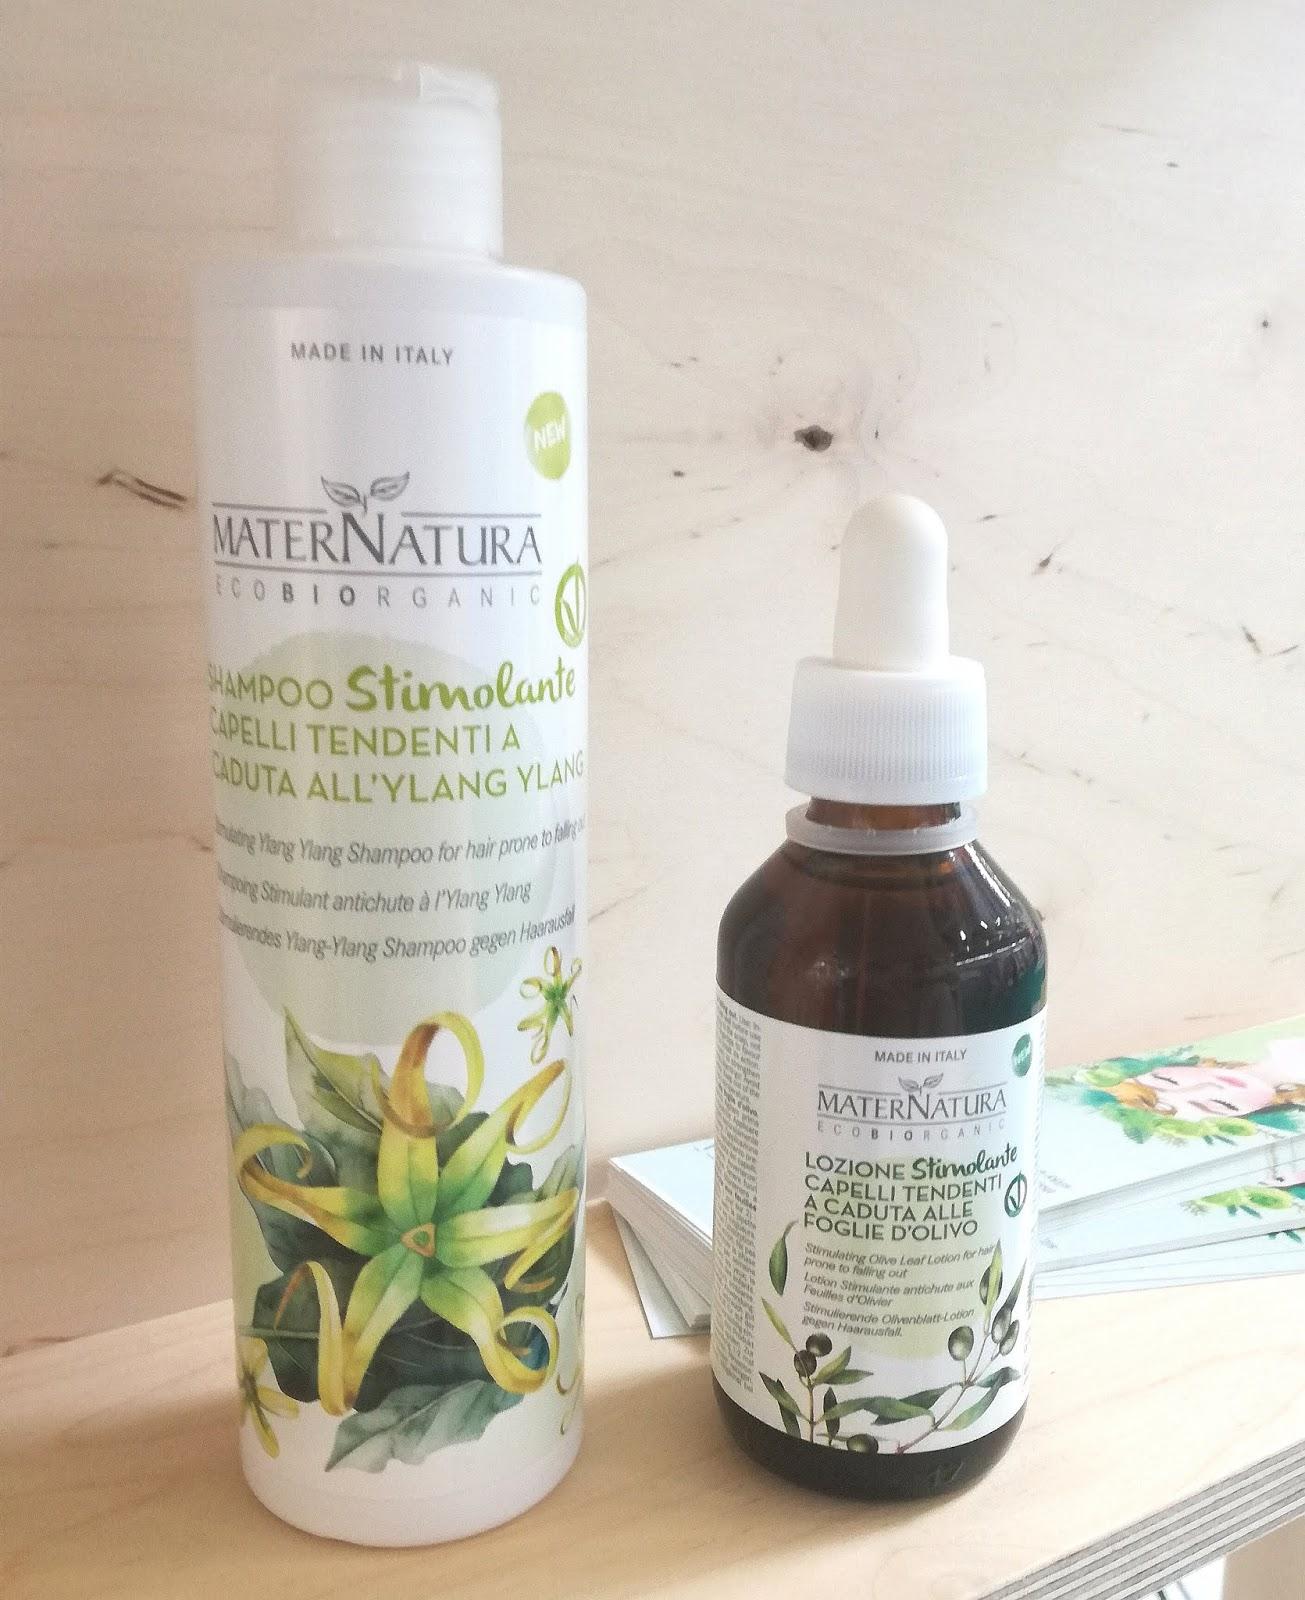 Questa lozione è da utilizzare in sinergia con il nuovo shampoo stimolante  per capelli tendenti alla caduta all Ylang Ylang. Uno shampoo che stimola e  ... e64b4e4623f4